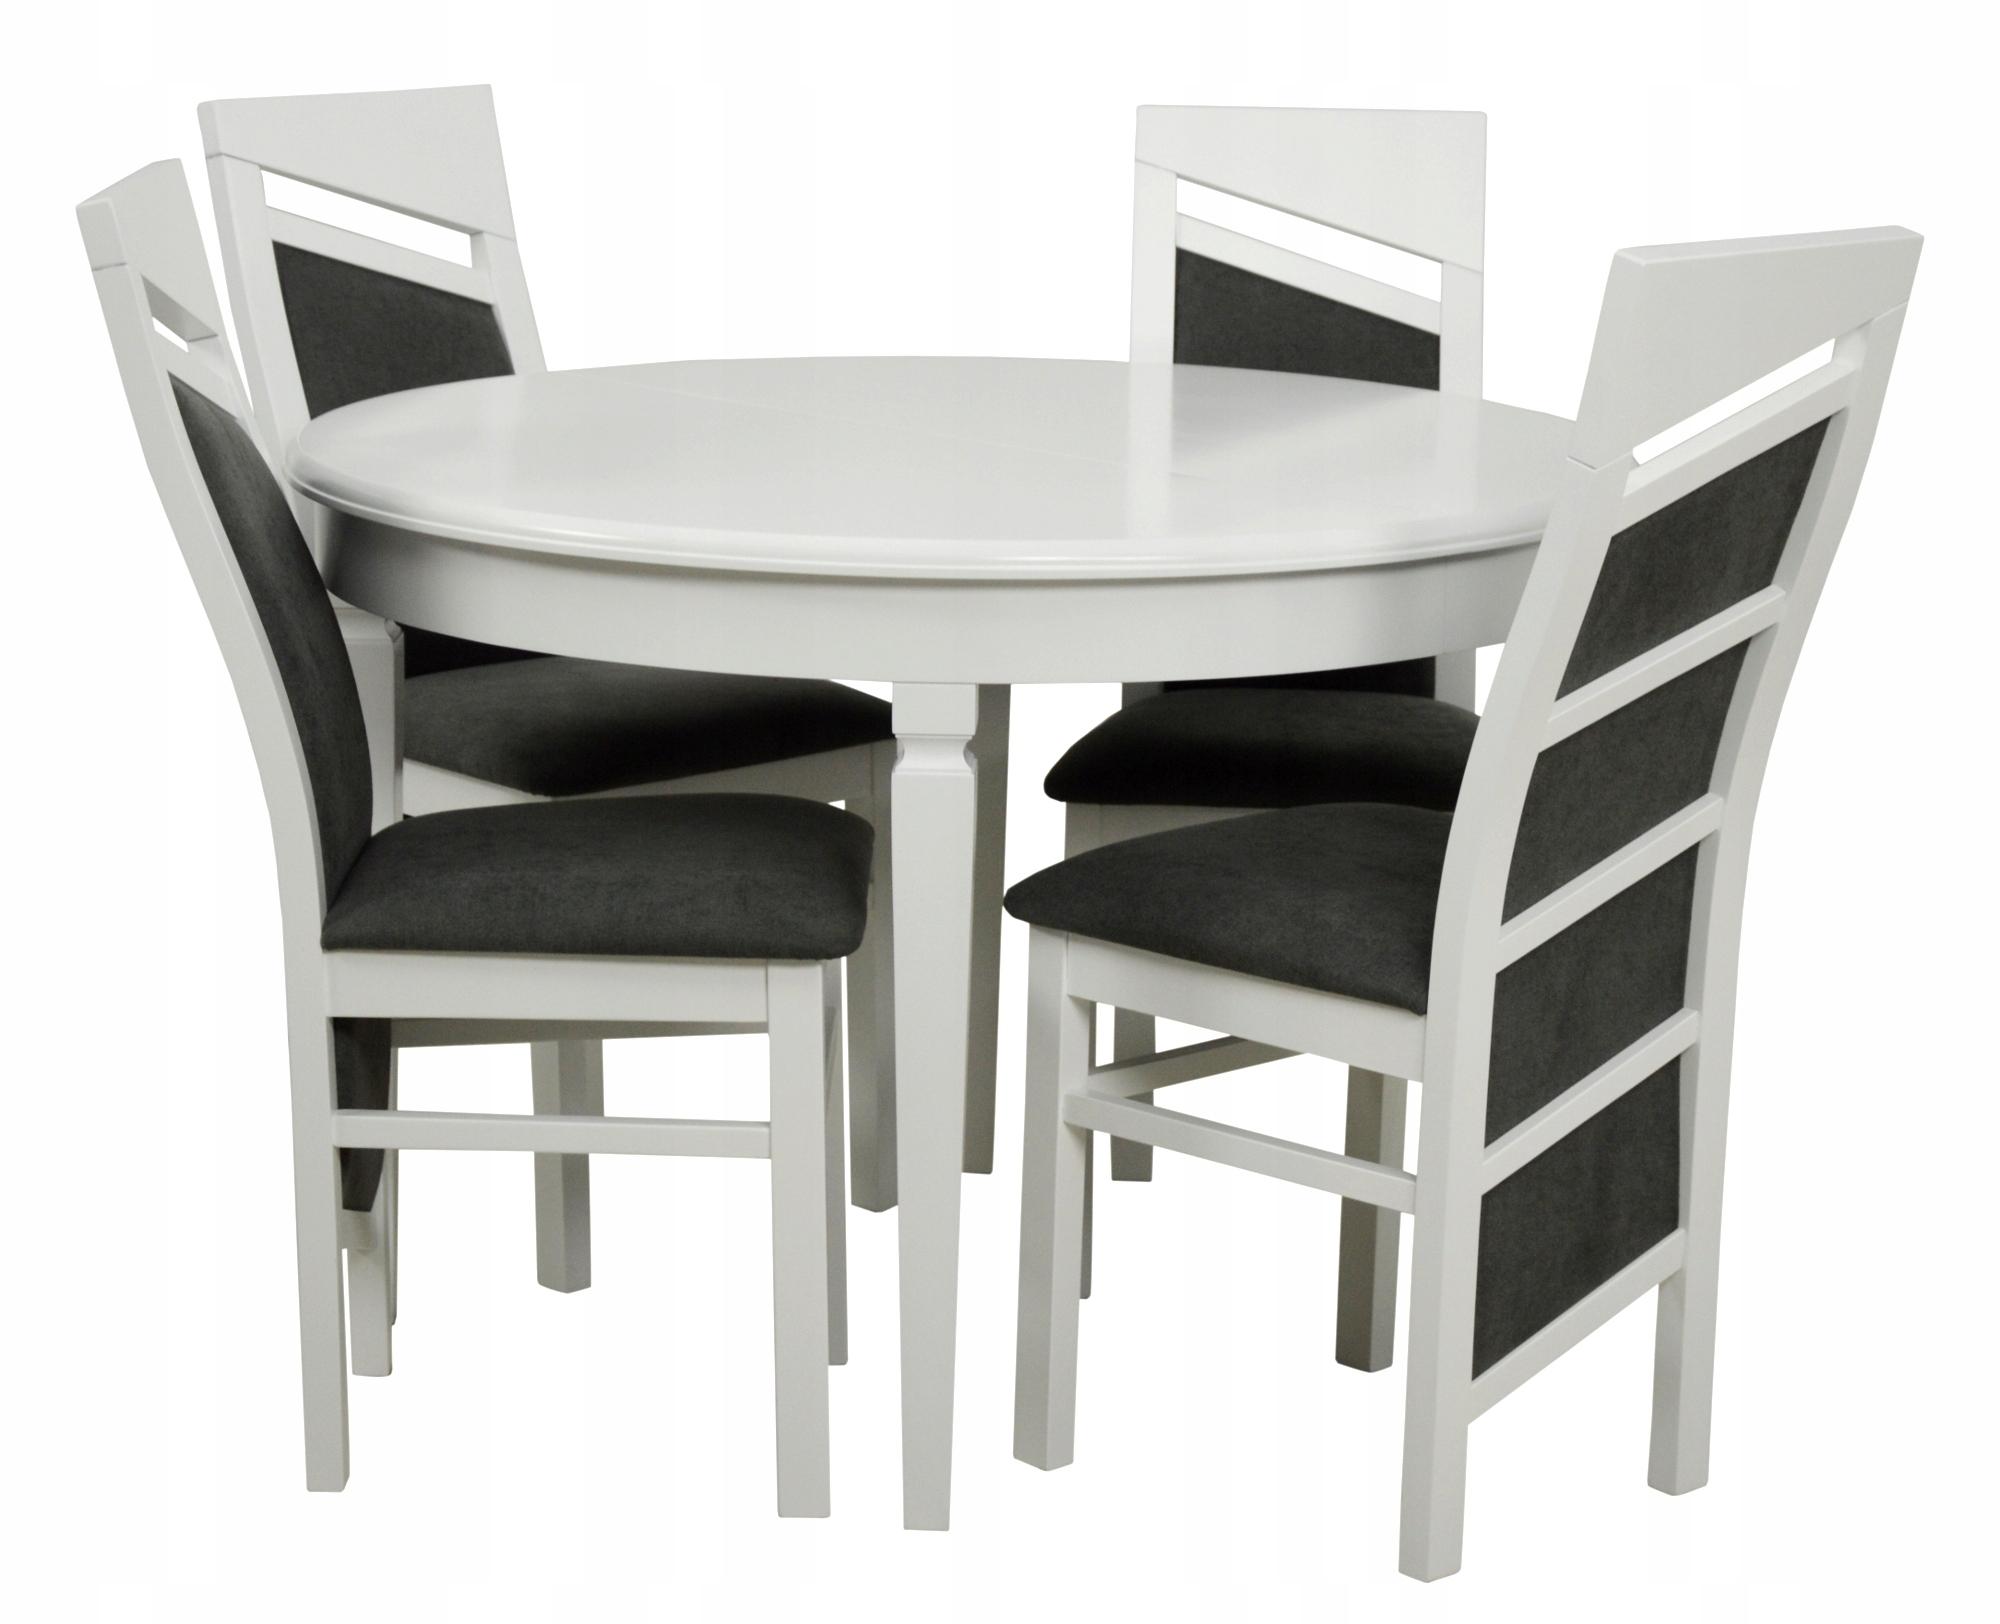 05a231d53c70 Nastaviť GANCI biely okrúhly jedálenský stôl 4 stoličky